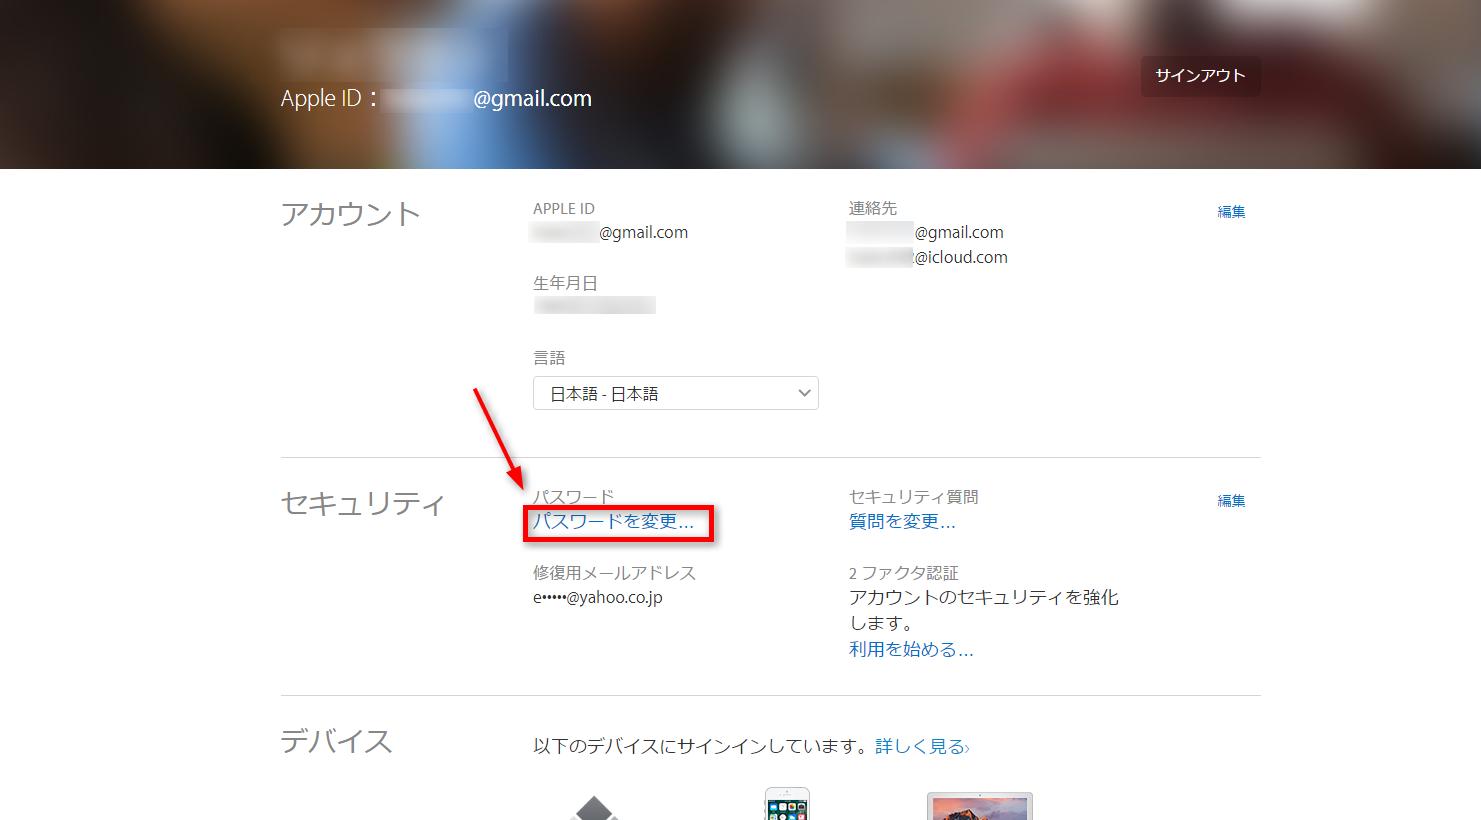 Apple IDの修復用メールアドレスを変更する ステップ2